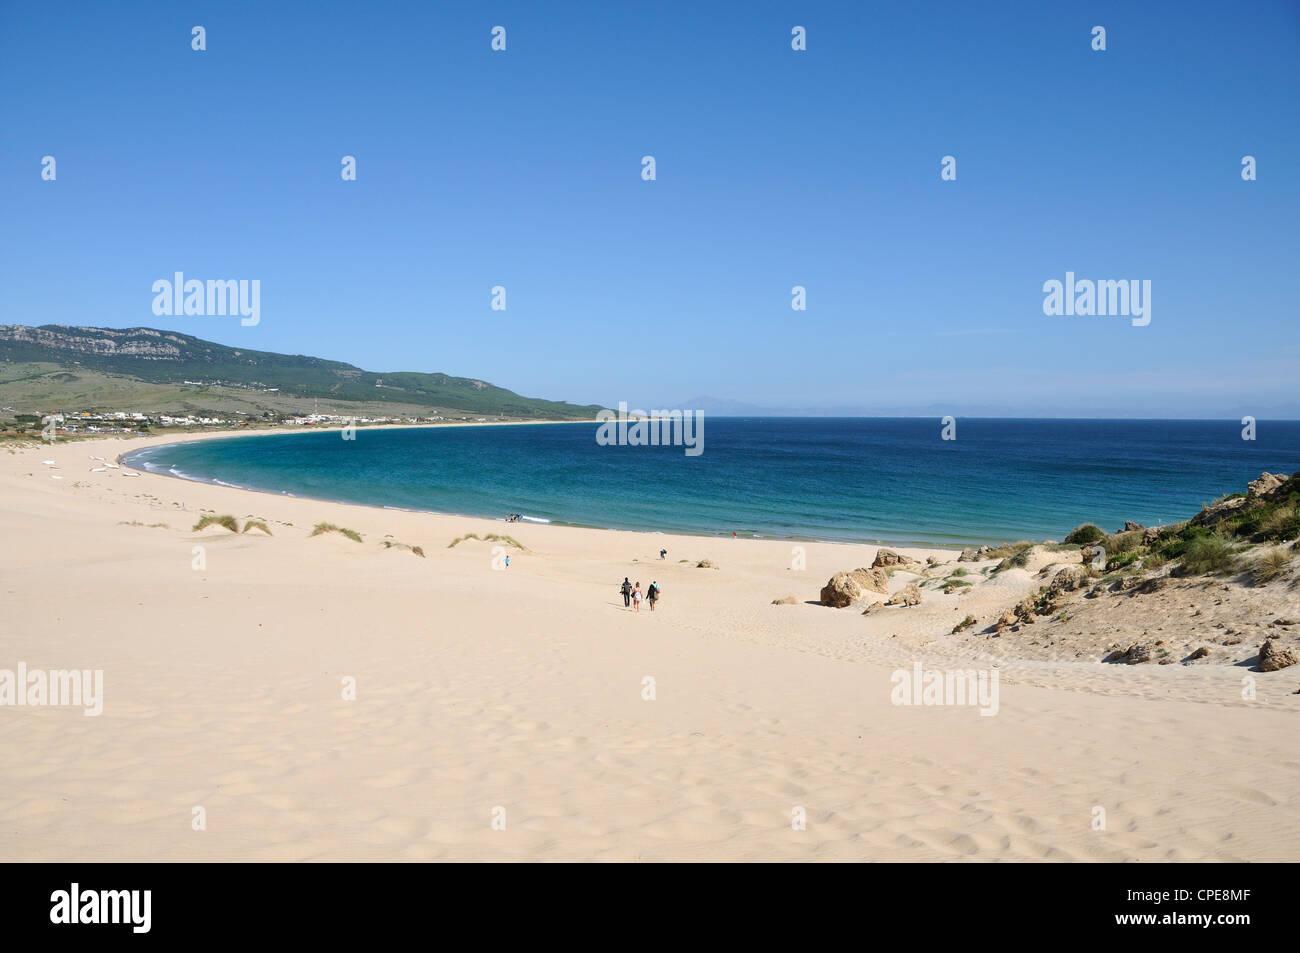 Bolonia Beach, Tarifa, Cadiz Province, Costa de la Luz, Andalusia, Spain Stock Photo